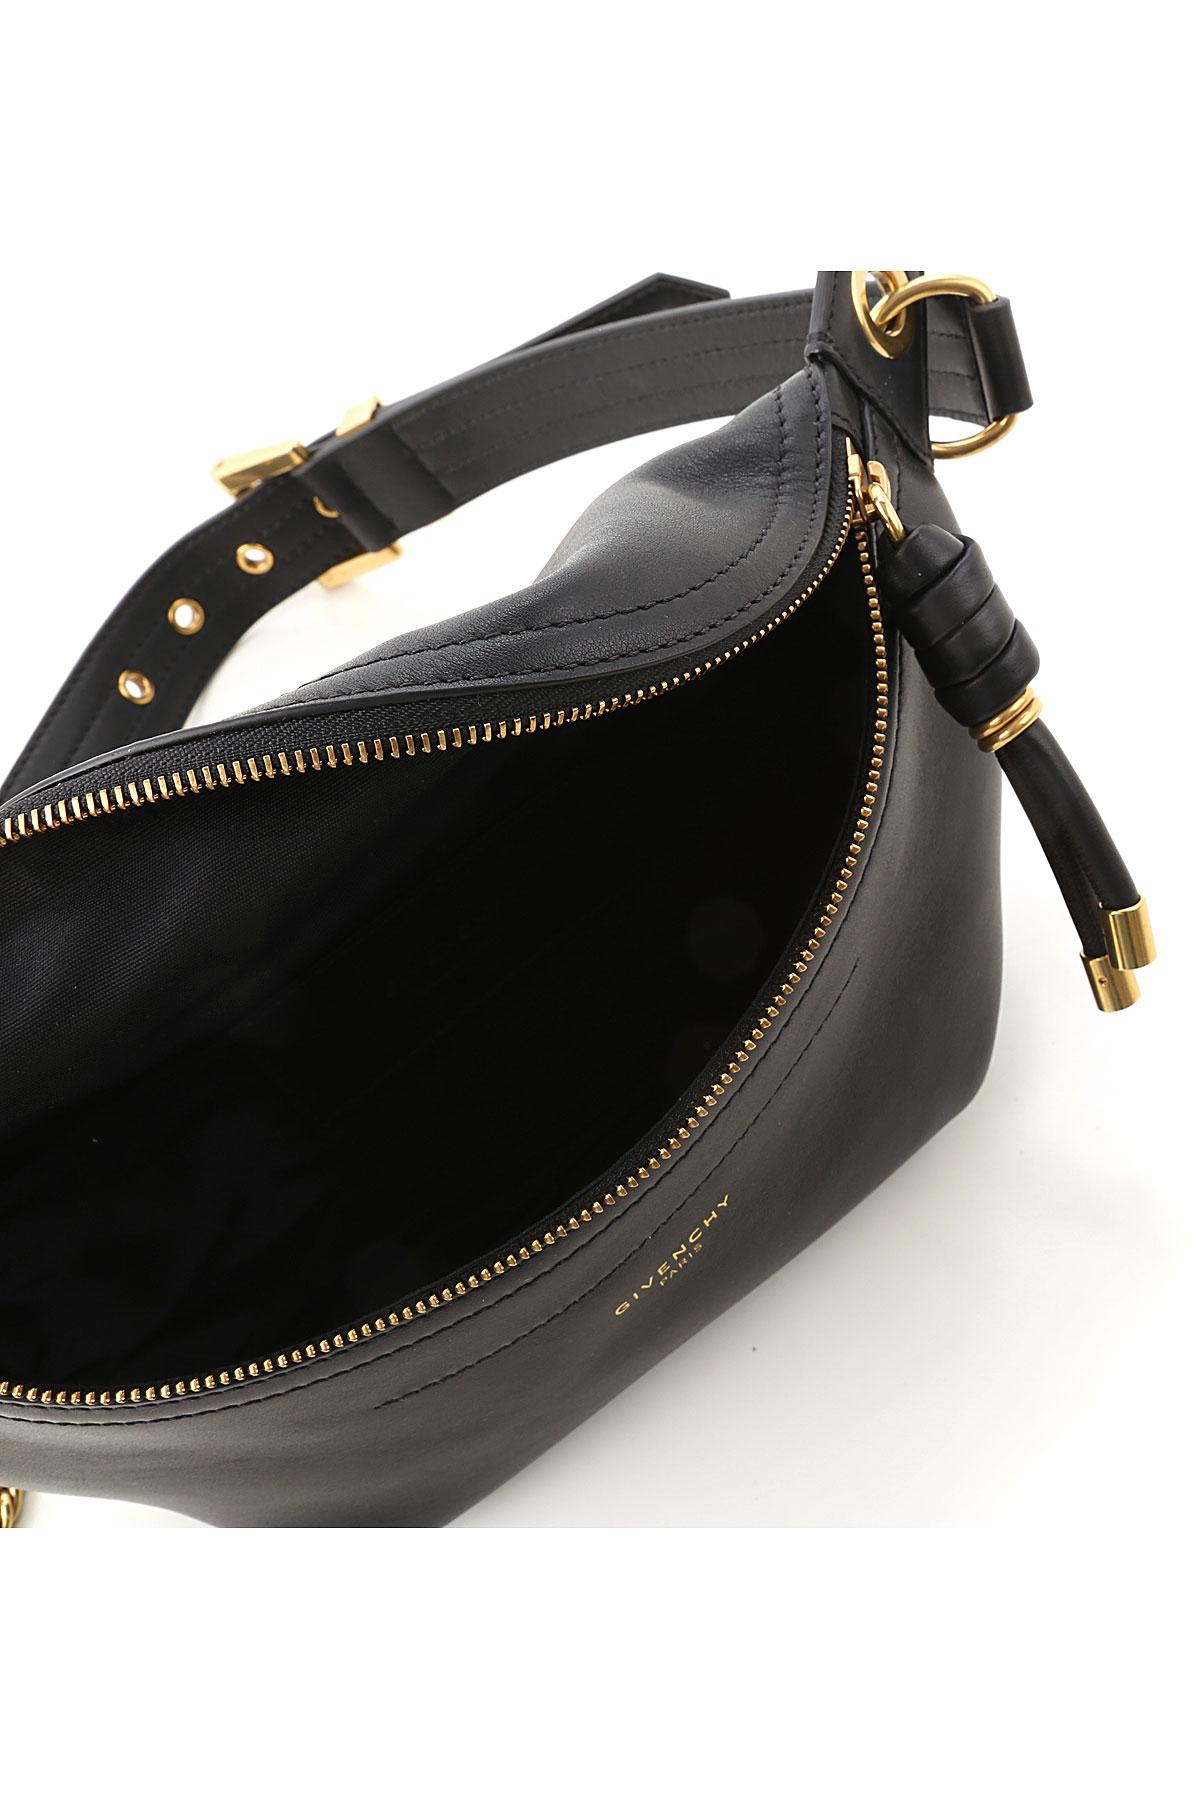 Givenchy 2019 Bolsos verano Carteras Negro dorado Oro Primavera qfpP7Bcrq